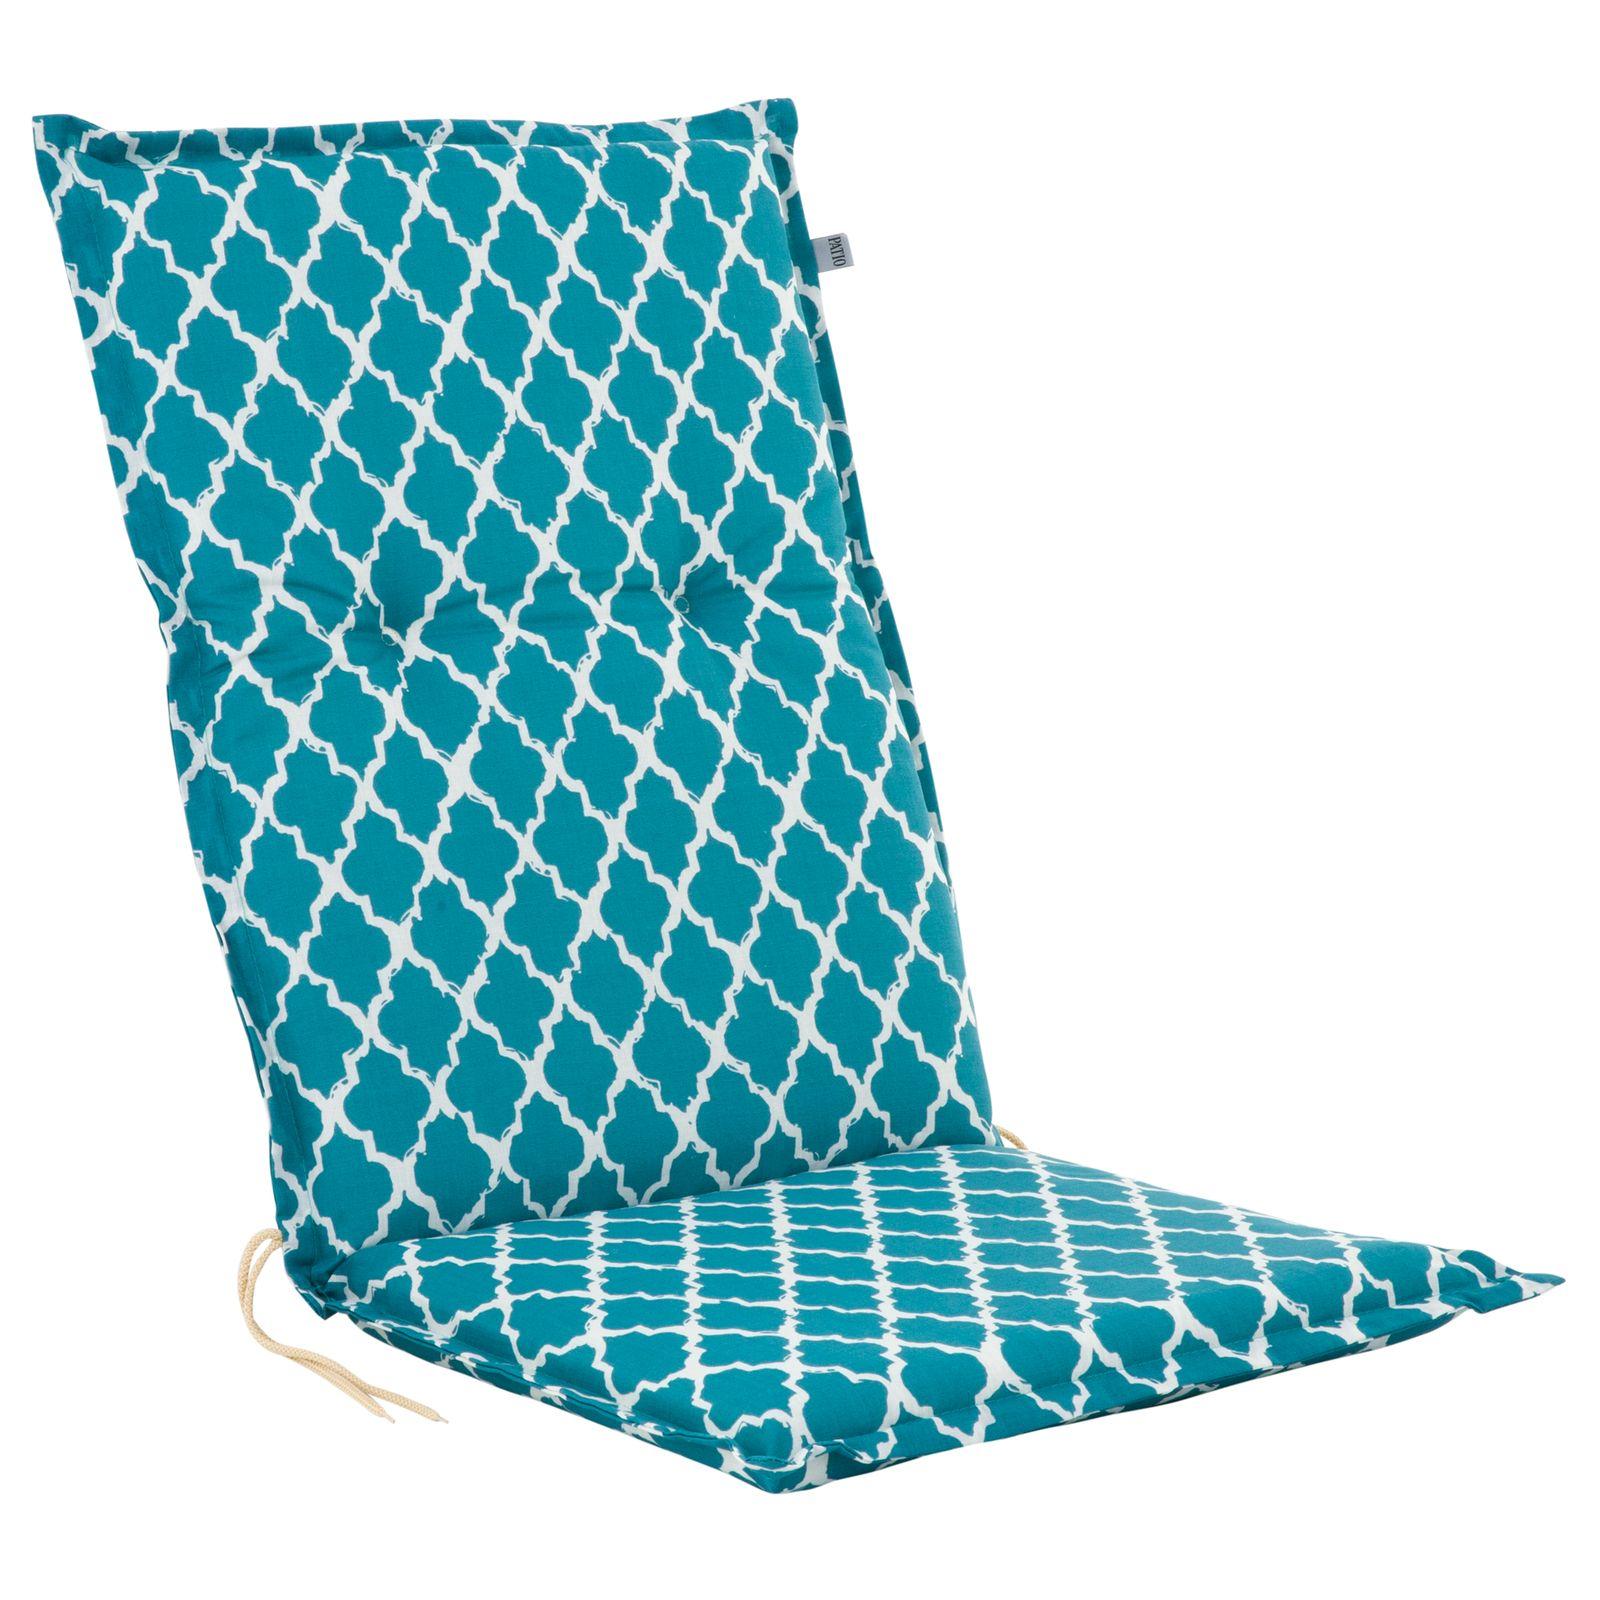 Poduszka na krzesło Malezja Niedrig 5 cm H030-21PB PATIO